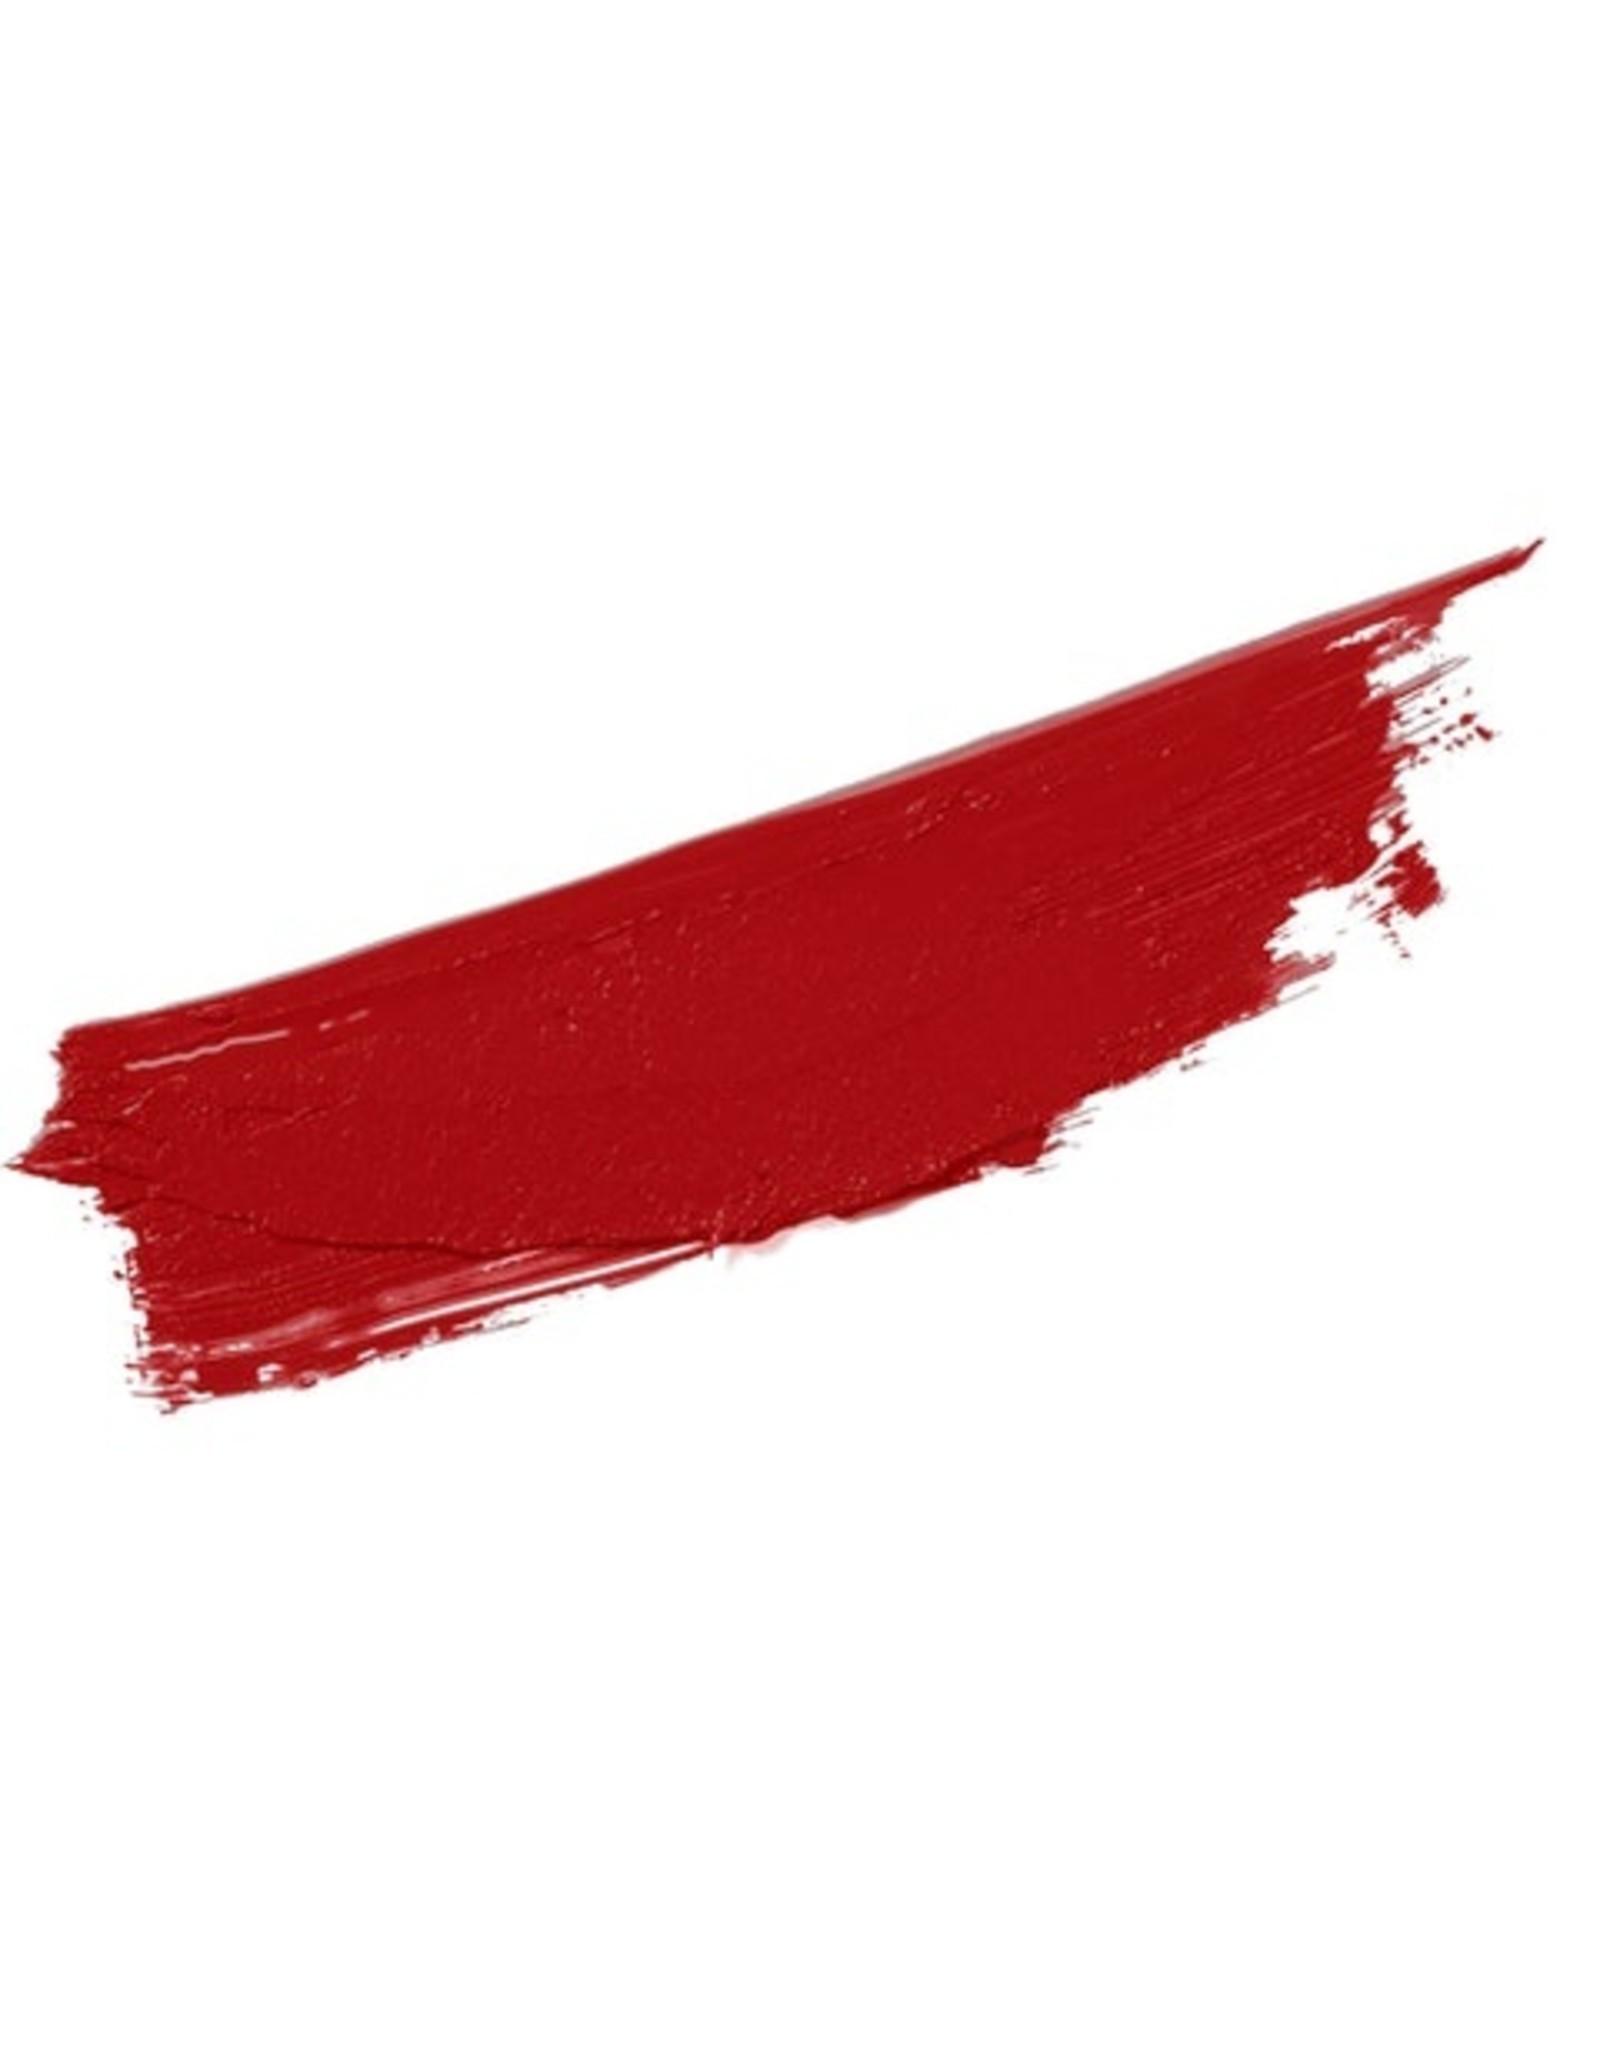 BABOR CREAMY LIPSTICK 10 SUPER RED